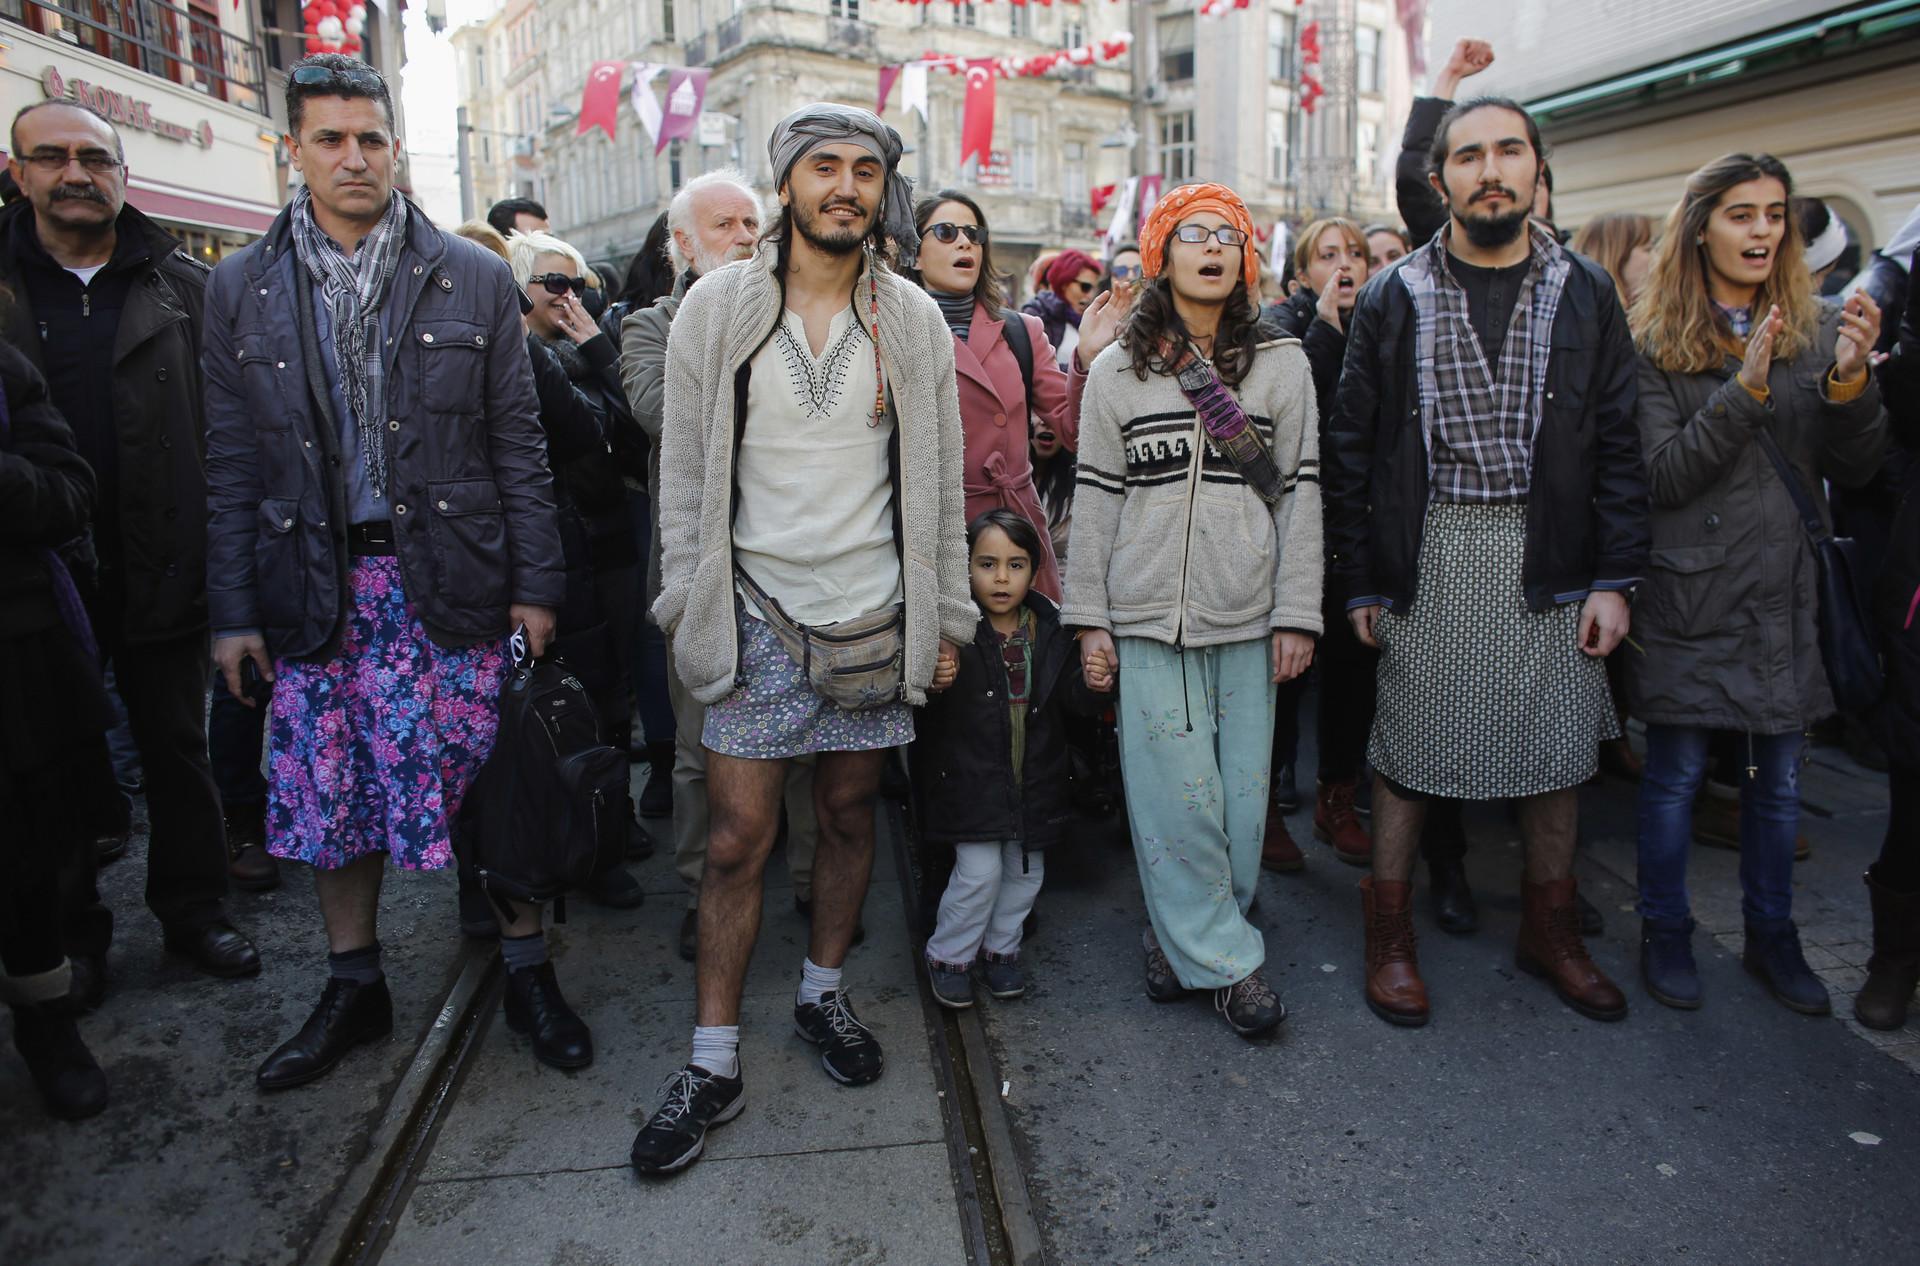 Hombres turcos llevan minifaldas en protesta contra el abuso sexual